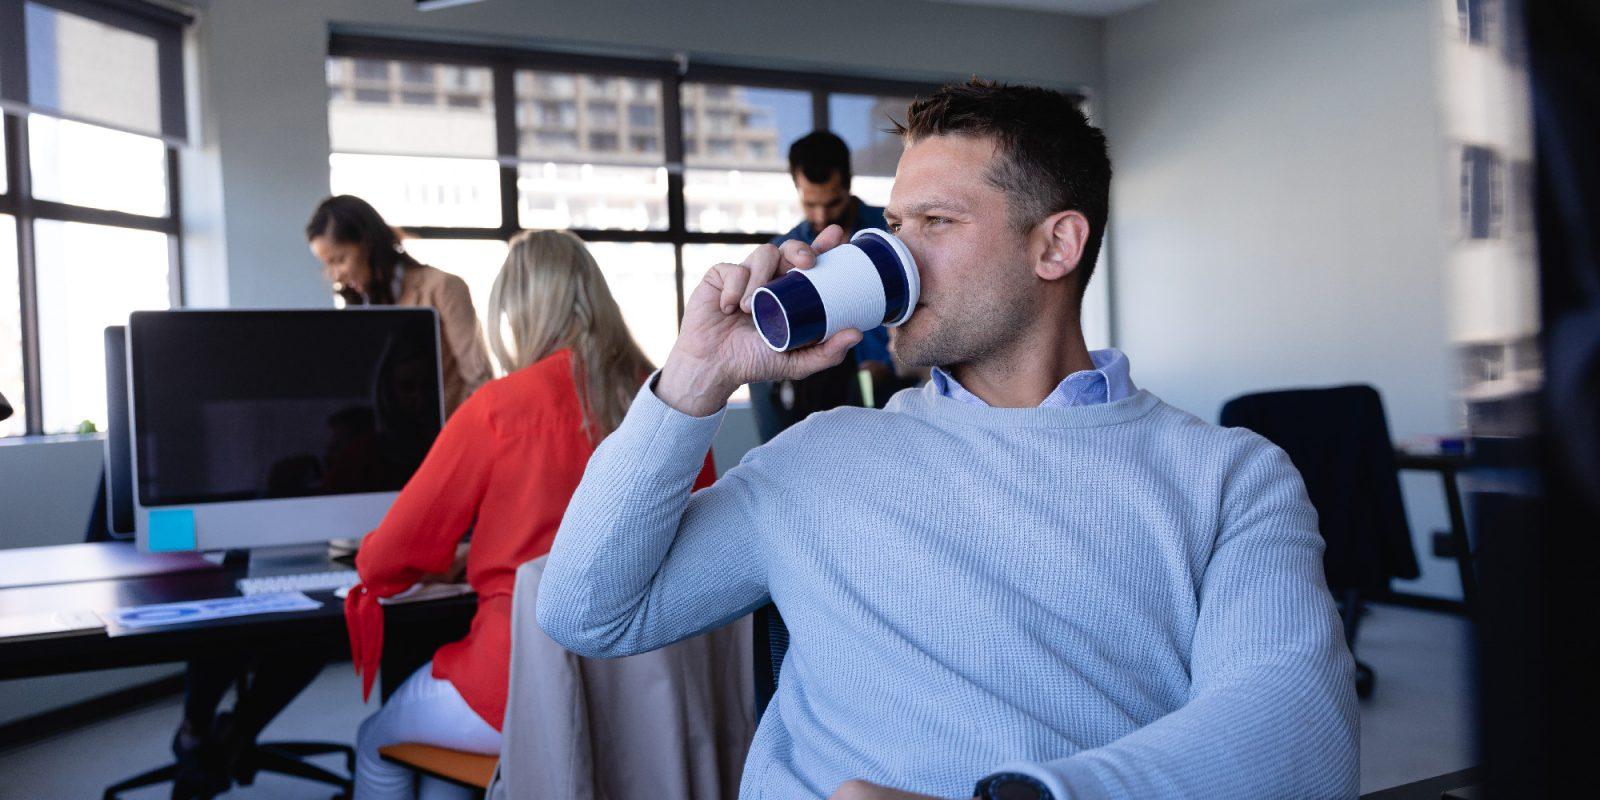 Kawa w firmie – jaki ekspres do biura wybrać?